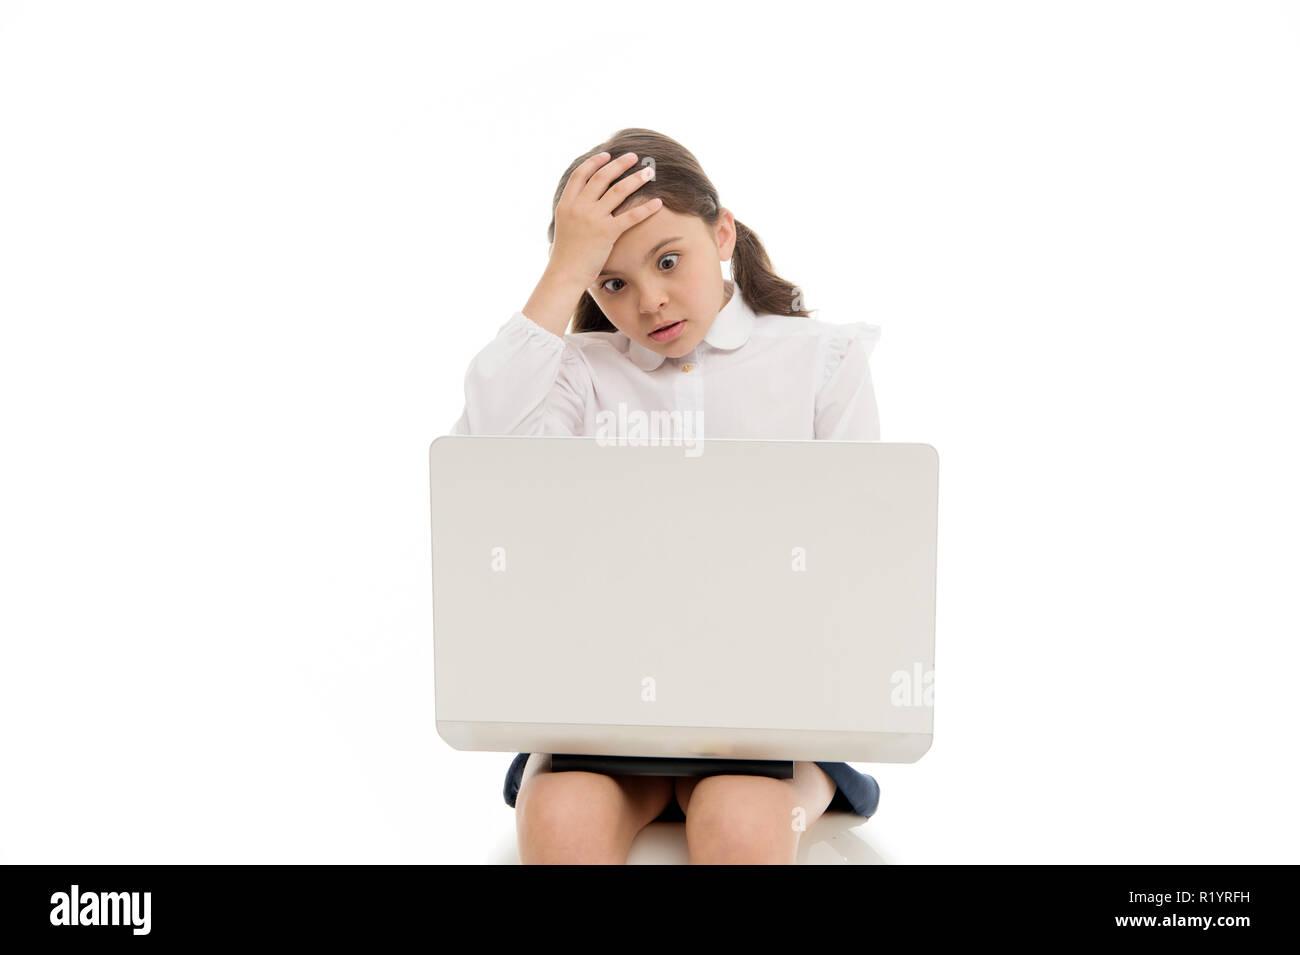 Contenido chocante. Colegiala navegando por internet con conmocionó a la cara. Chica aturdida expresión toque su cabeza. ¿Cómo puede ser posible. Increíble noticia. Portátil navegando por internet. Concepto de asesoramiento parental. Imagen De Stock